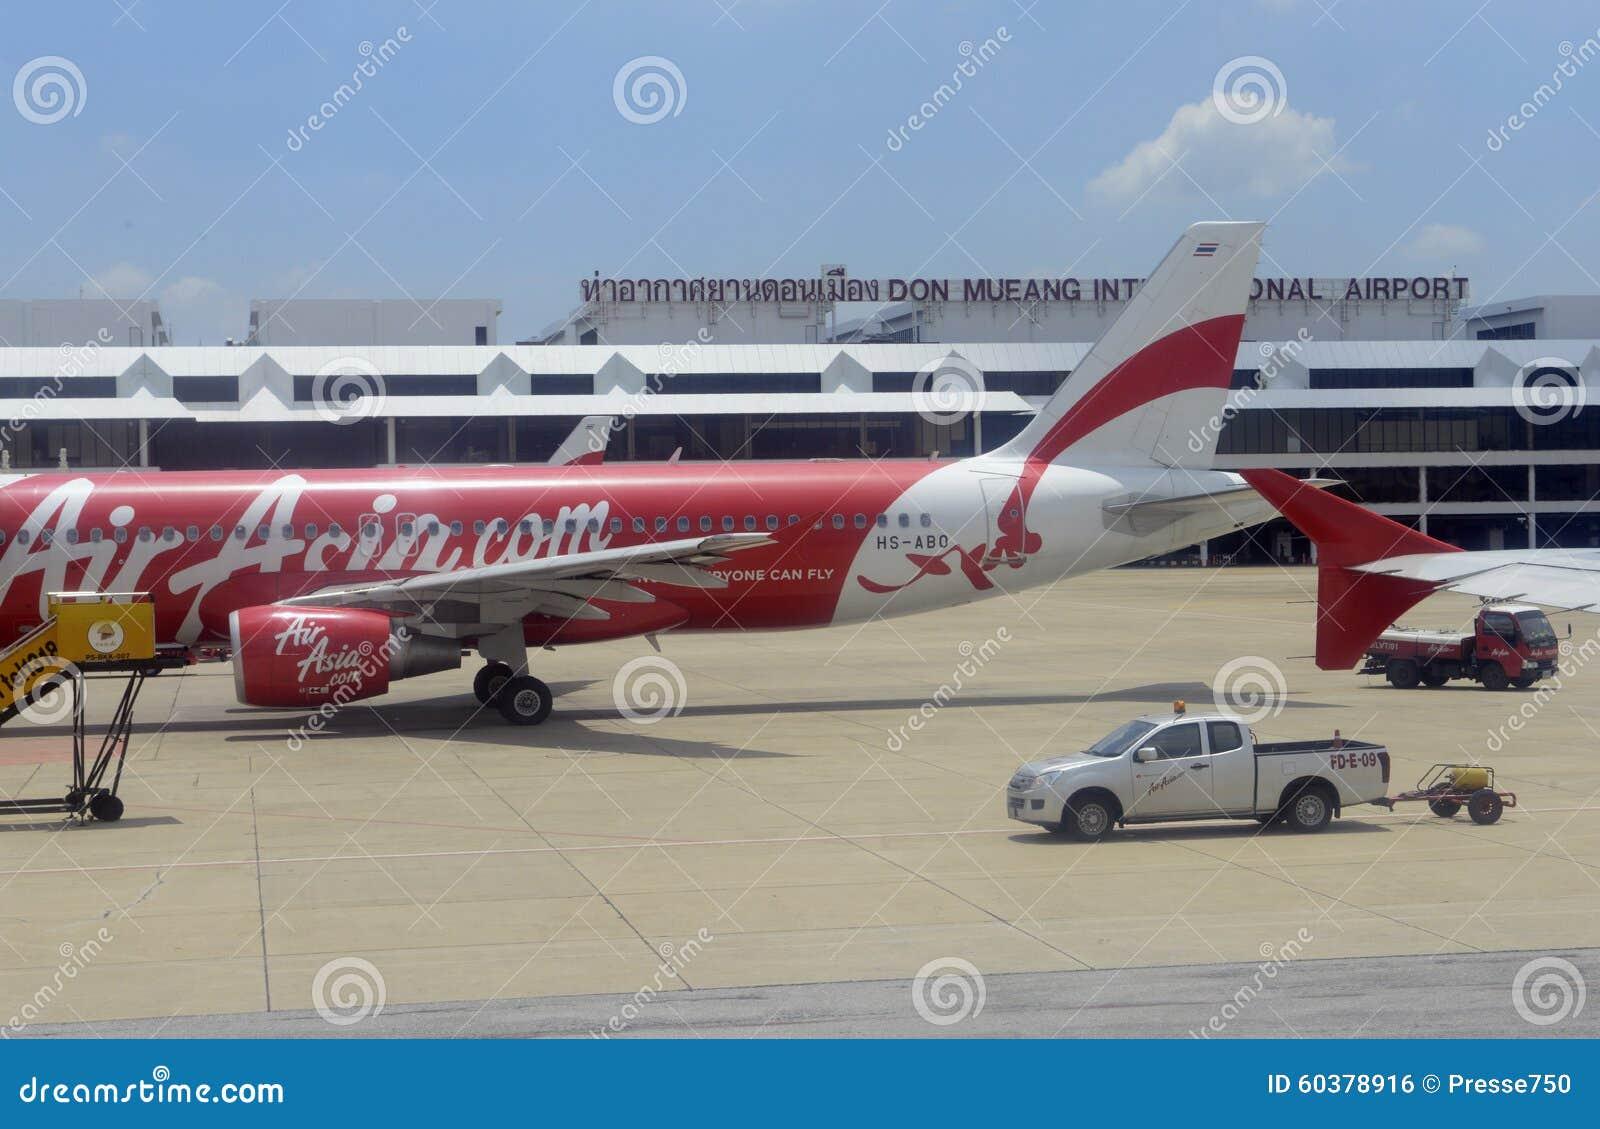 亚洲泰国曼谷东MUEANG机场